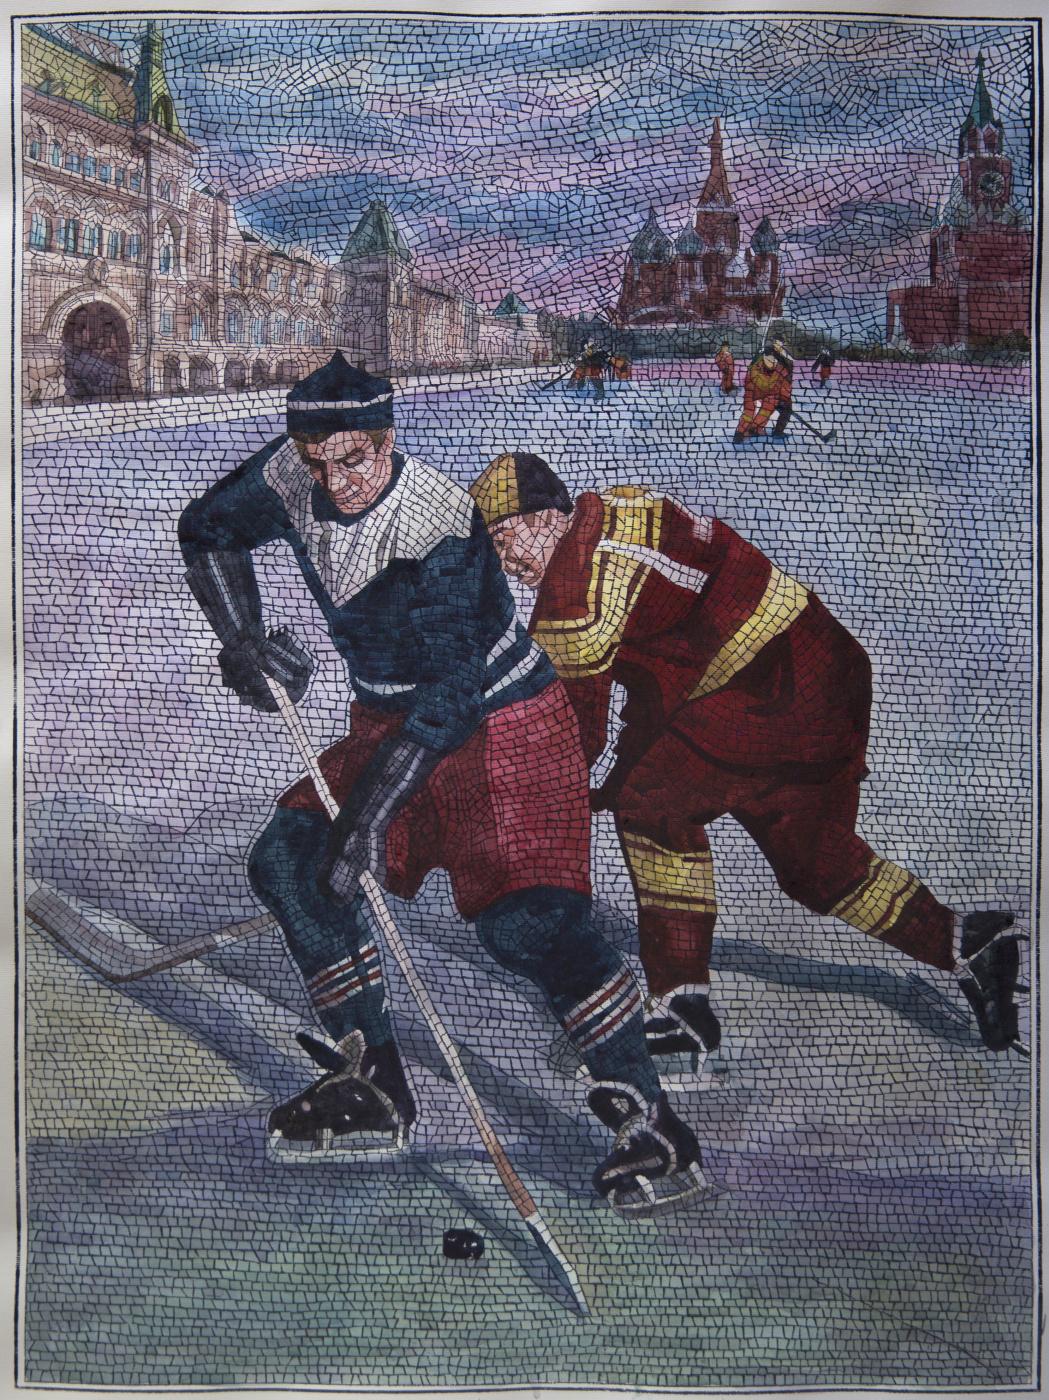 Анатолий Николаевич Ганкевич. In his field